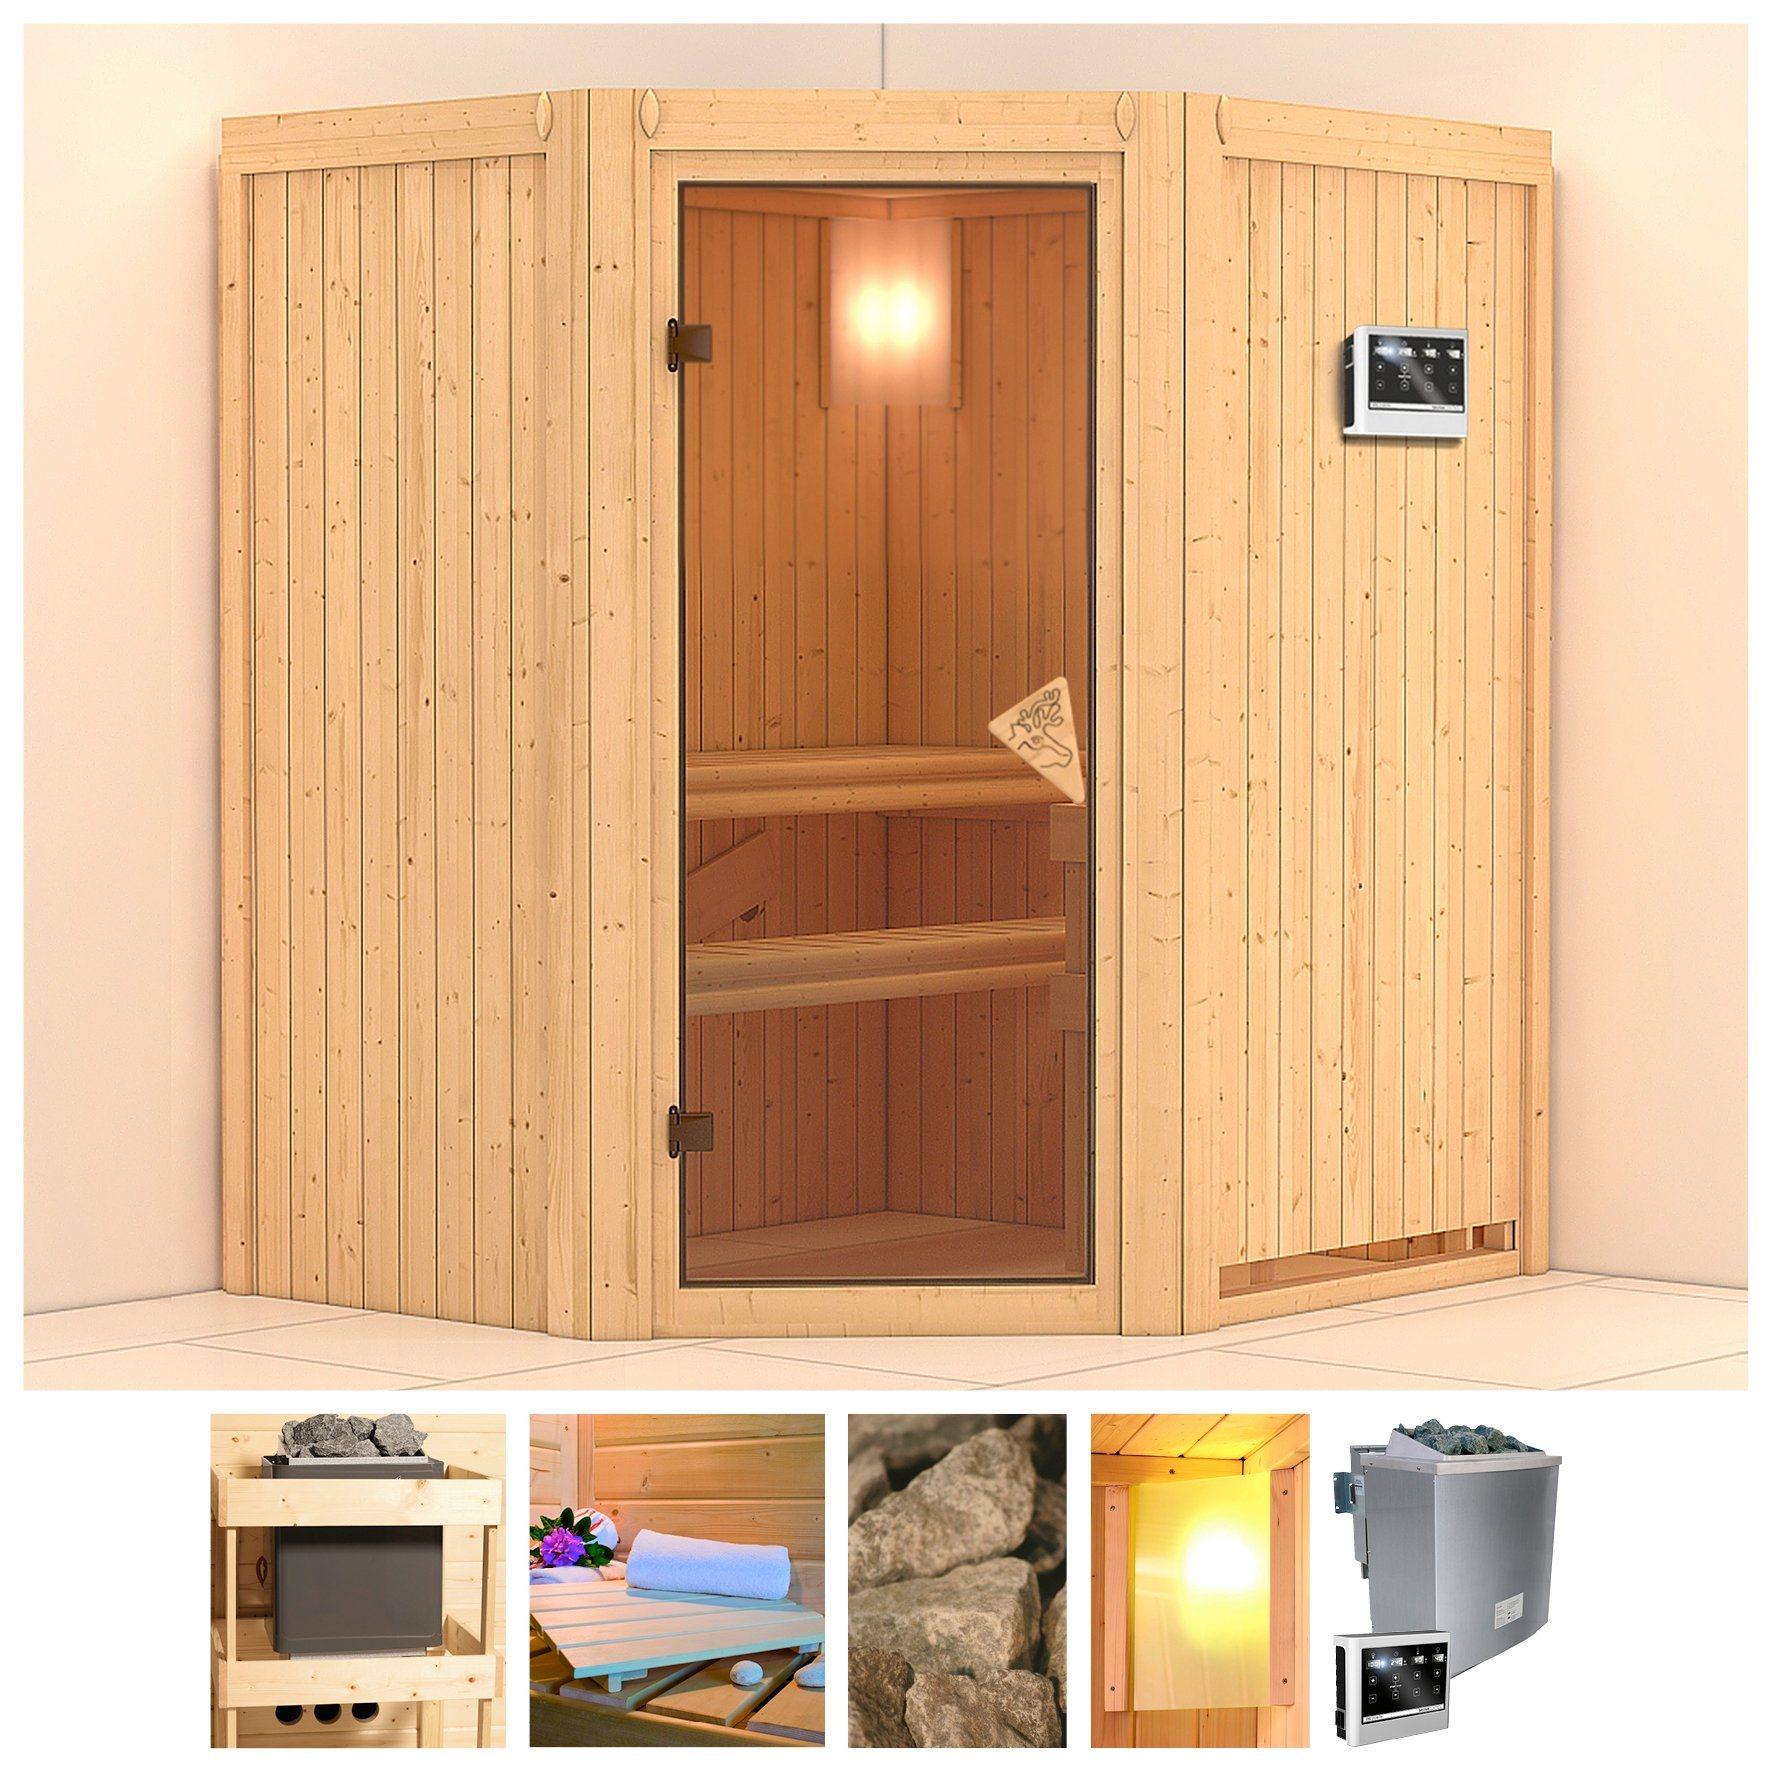 Sauna »Taurin«, 170/151/202 cm, 68 mm, 9-kW-Bio-Kombiofen mit ext. Steuerung